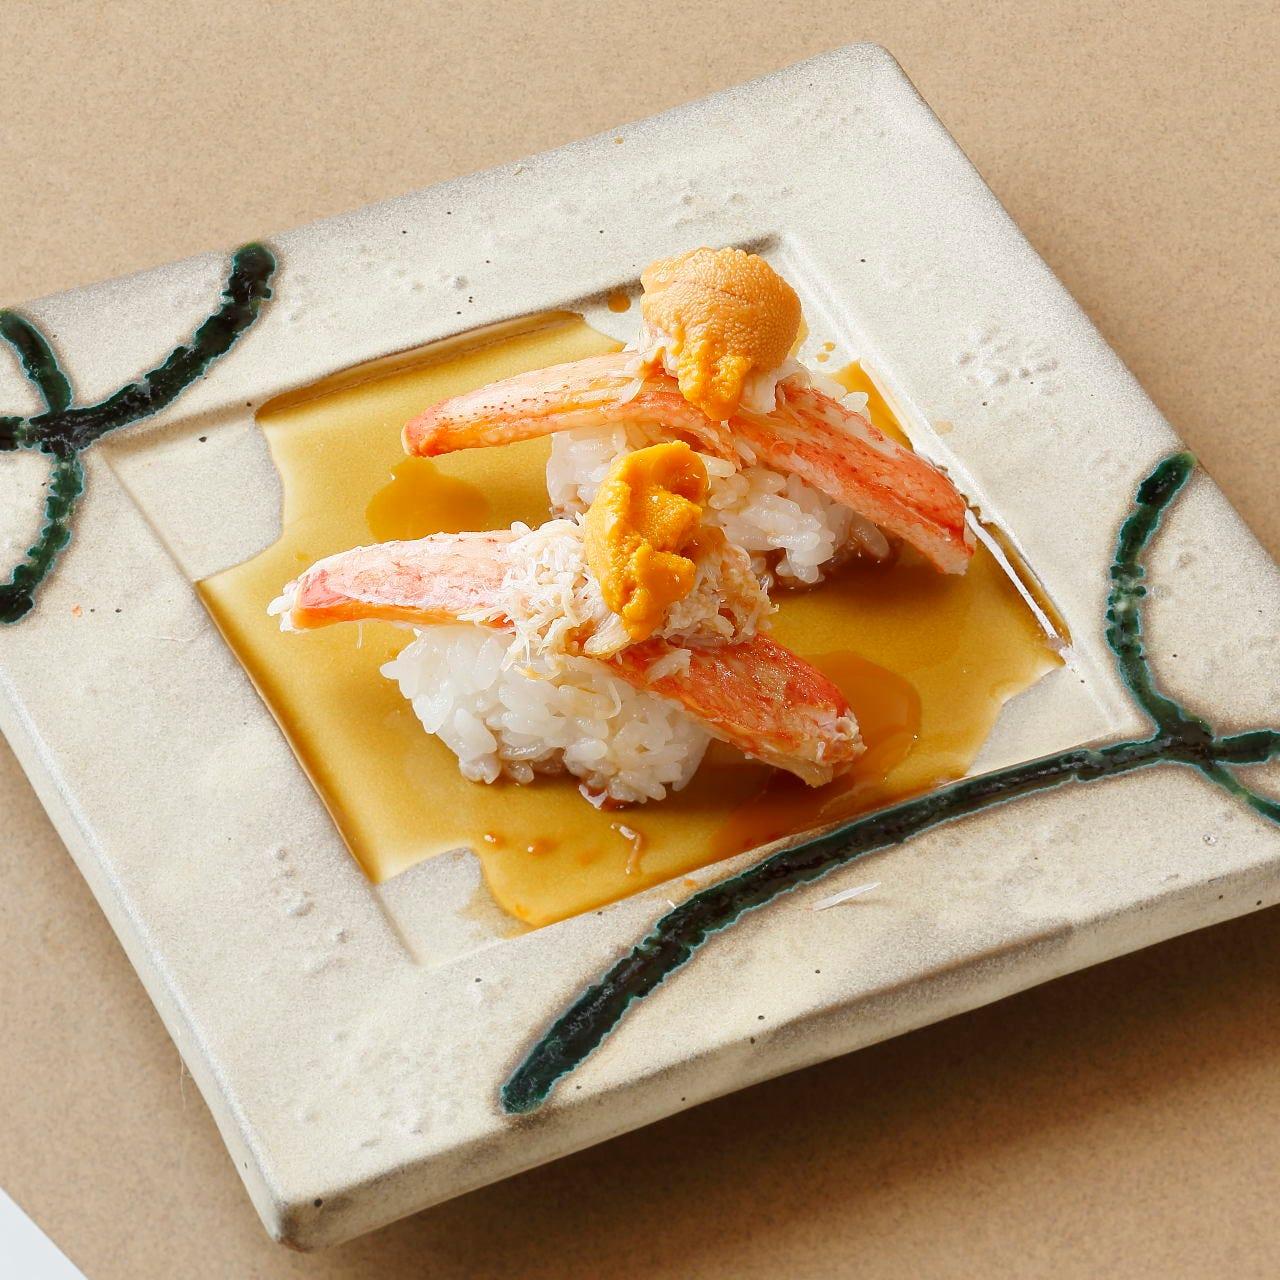 ズワイ蟹は「重ねにぎり」でボリューム満点に楽しんでください。